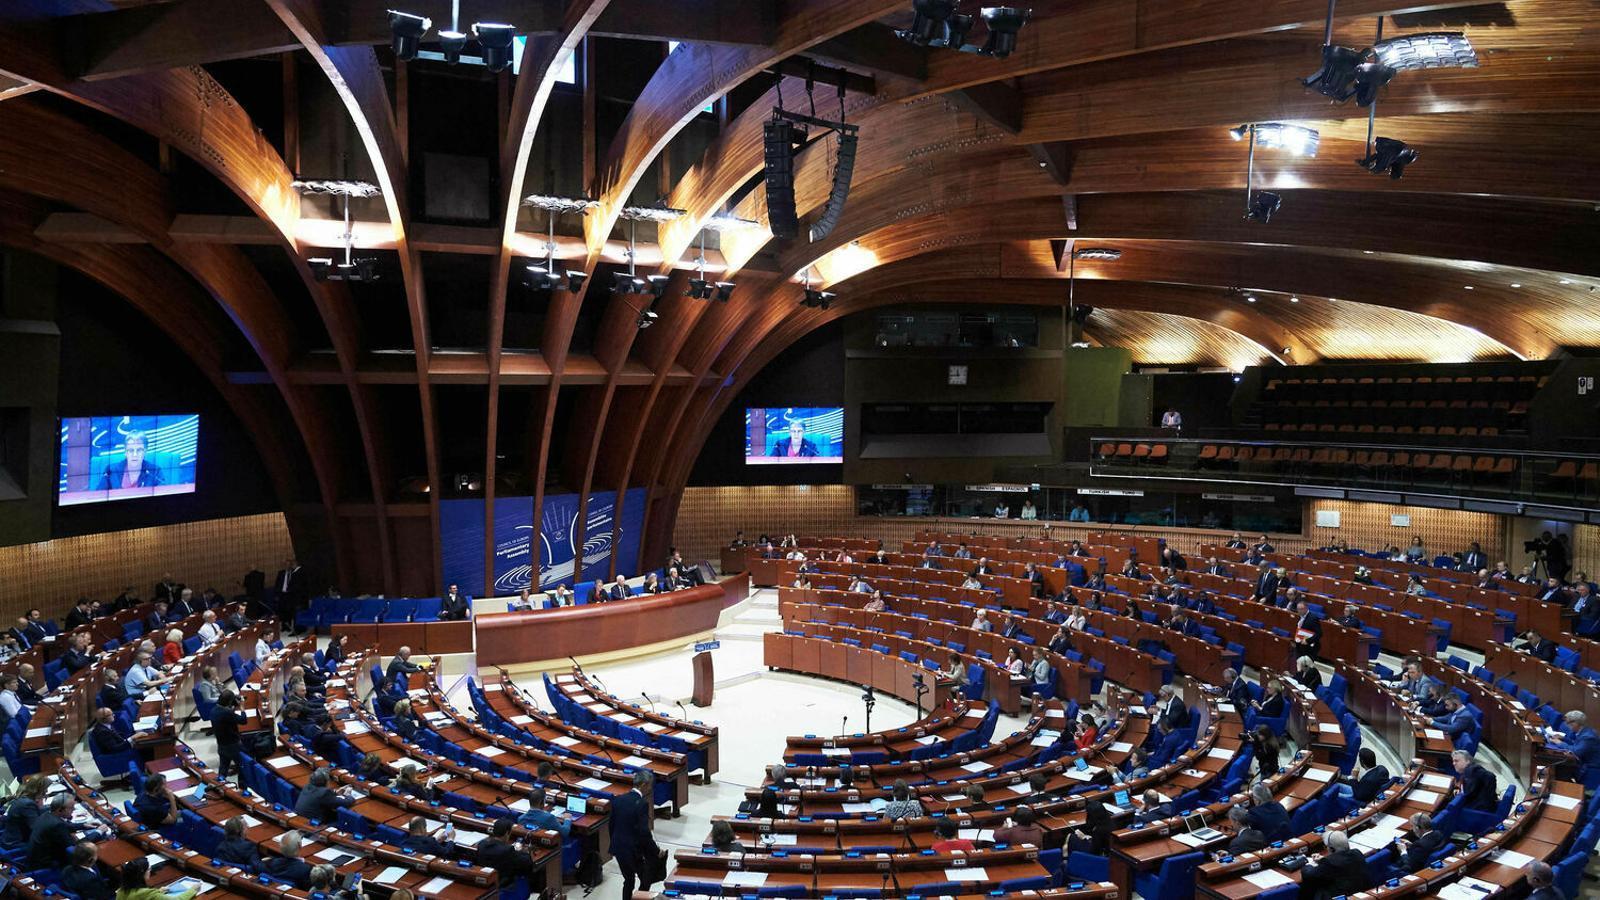 Sessió de l'assemblea parlamentària del Consell d'Europa, a Estrasburg. / ELLEN WUIBAUX - CONSELL D'EUROPA